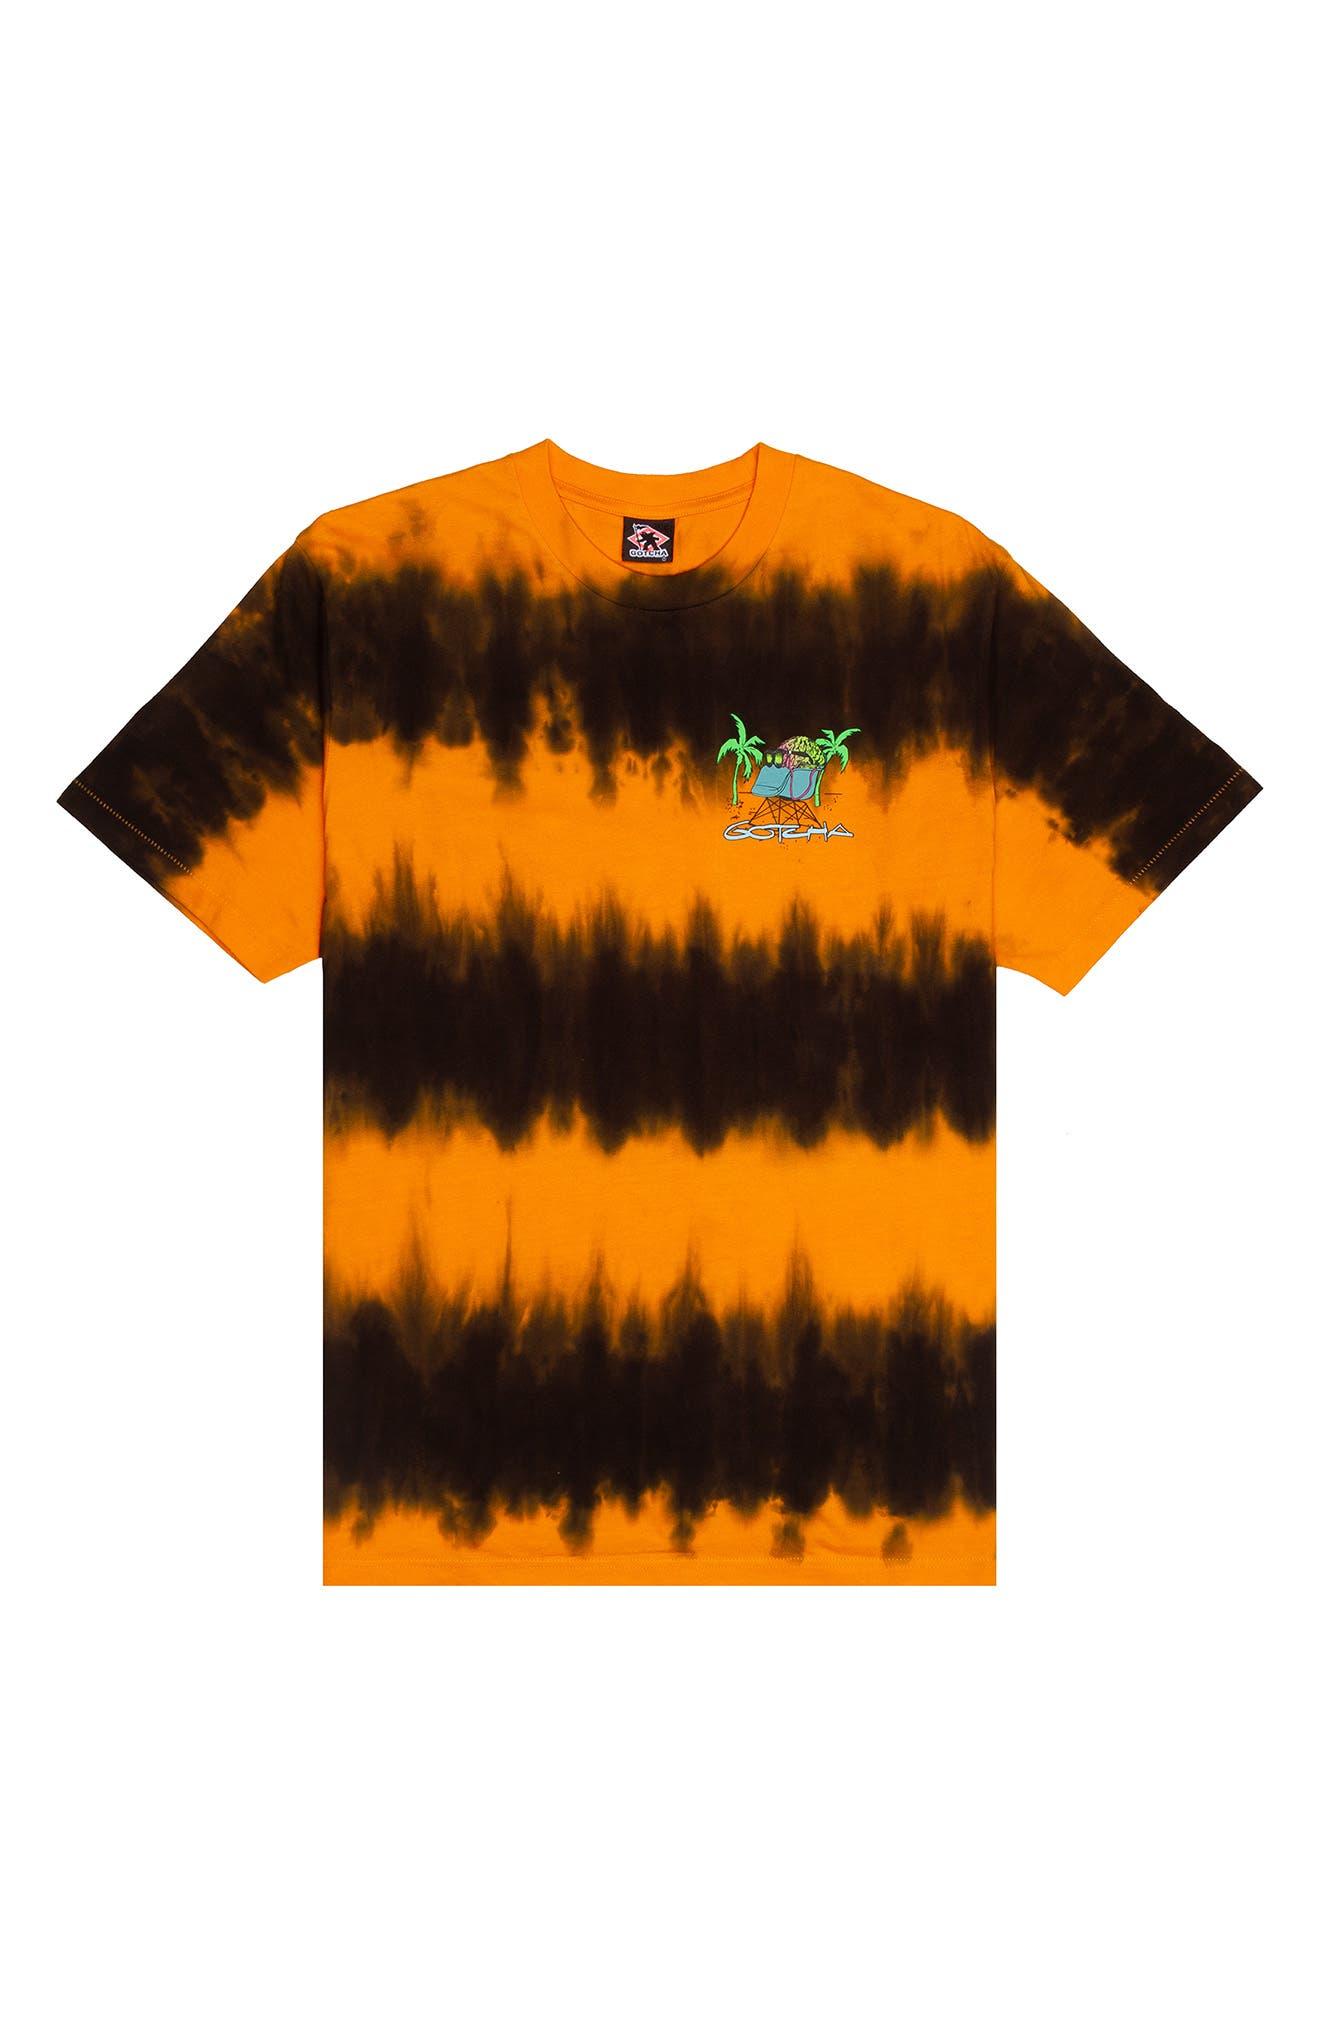 Men's Getaway Tie Dye Cotton Graphic Tee